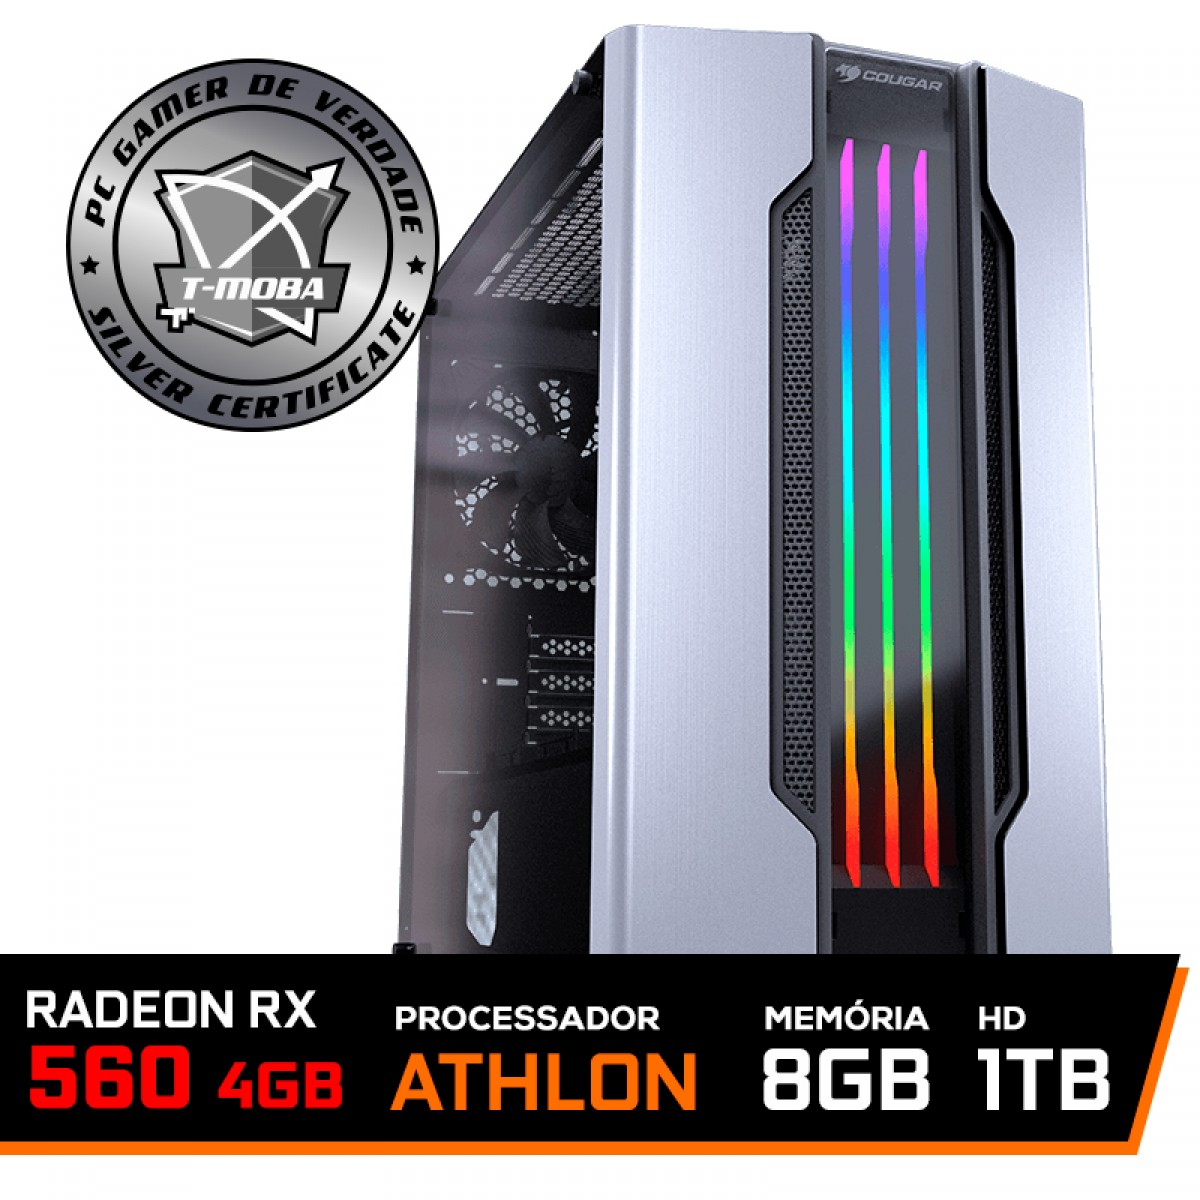 Pc Gamer Tera Edition AMD Athlon 3000G / Radeon Rx 560 4GB / DDR4 8GB / HD 1TB / 500W